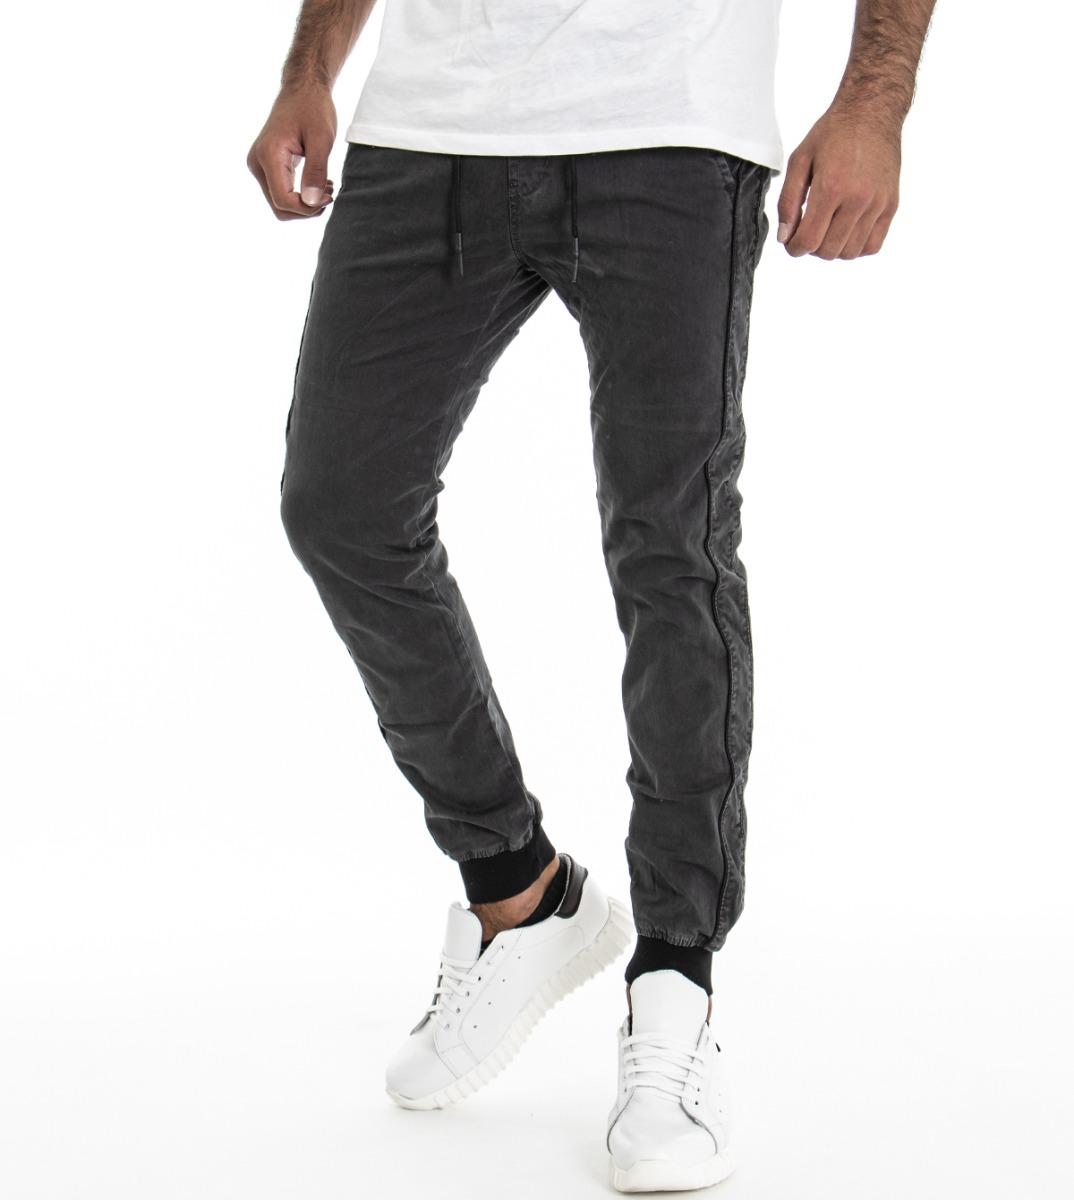 Gris Noir Panta Pantalons costume Élastique Pour Latérale Foncé Riga Hommes Xzwgx7tqw